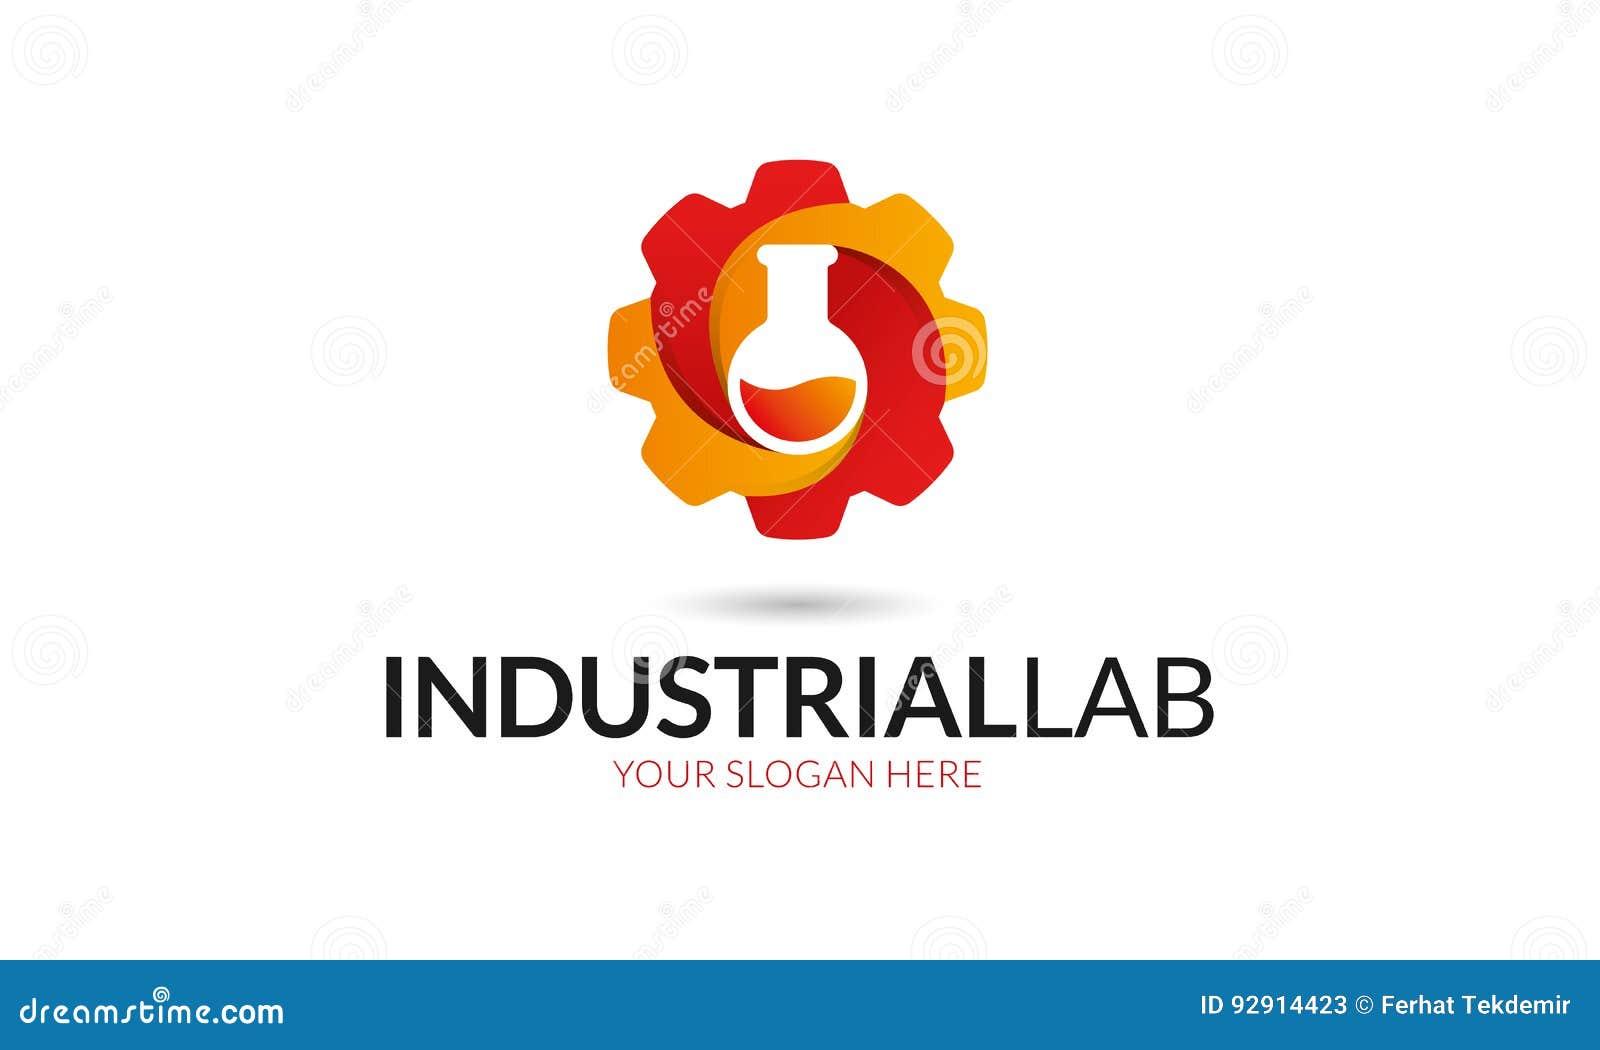 Logotipo Industrial Del Laboratorio Imagen de archivo - Imagen de ...